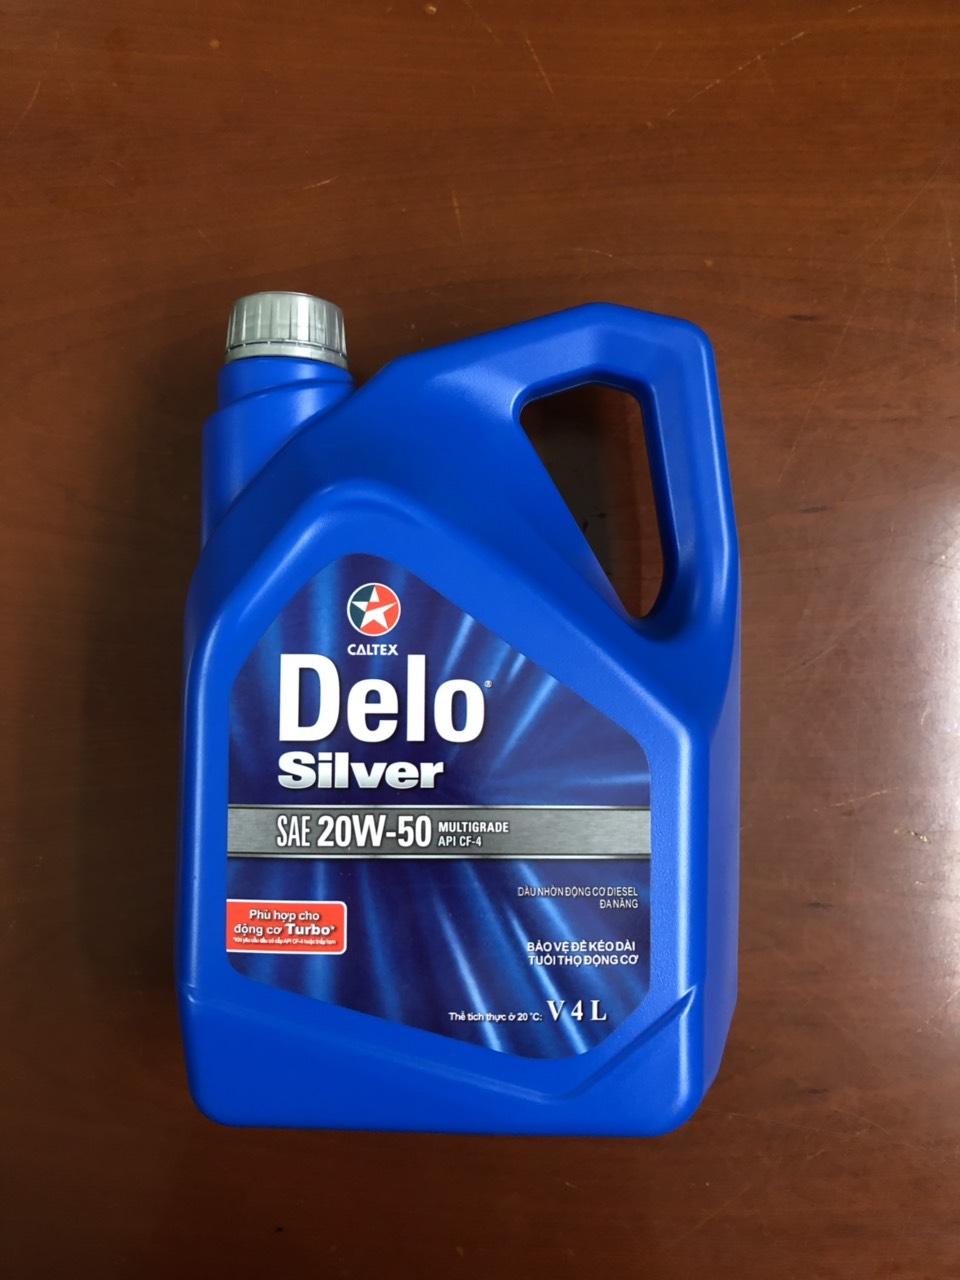 Delo silver 20w50